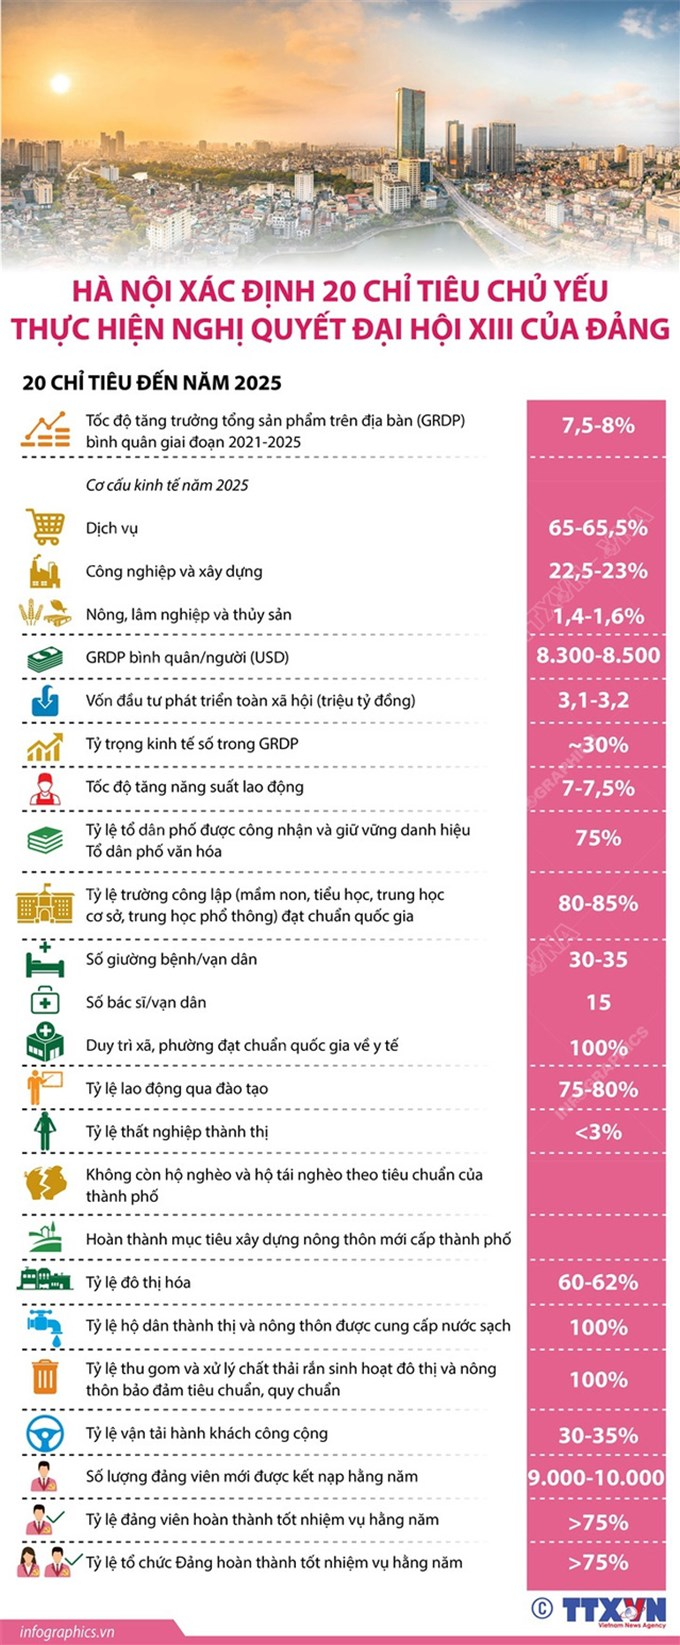 Hà Nội xác định 20 chỉ tiêu chủ yếu thực hiện Nghị quyết Đại hội XIII của Đảng